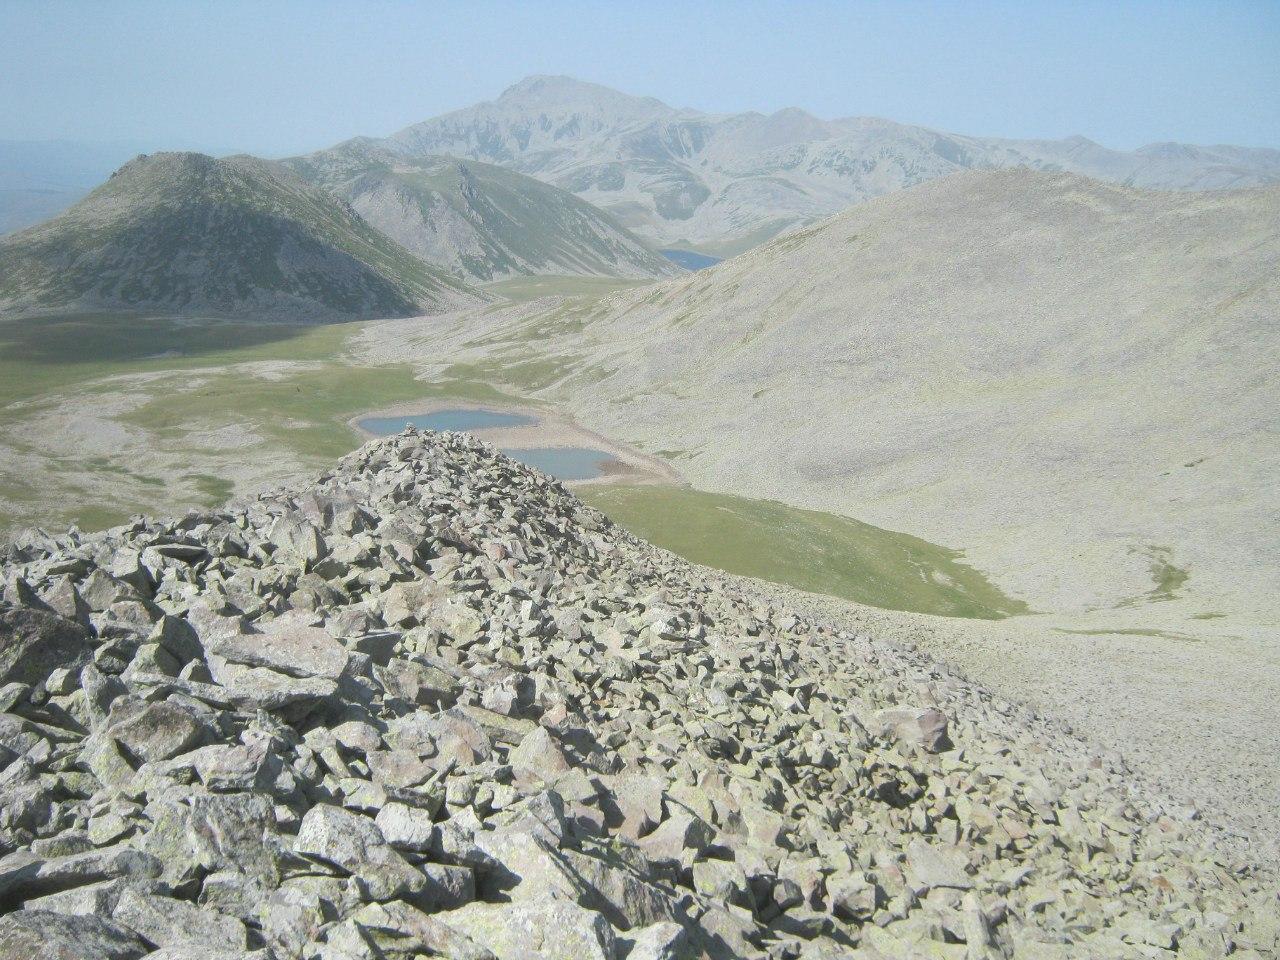 между пиками гор Абули и Самсари